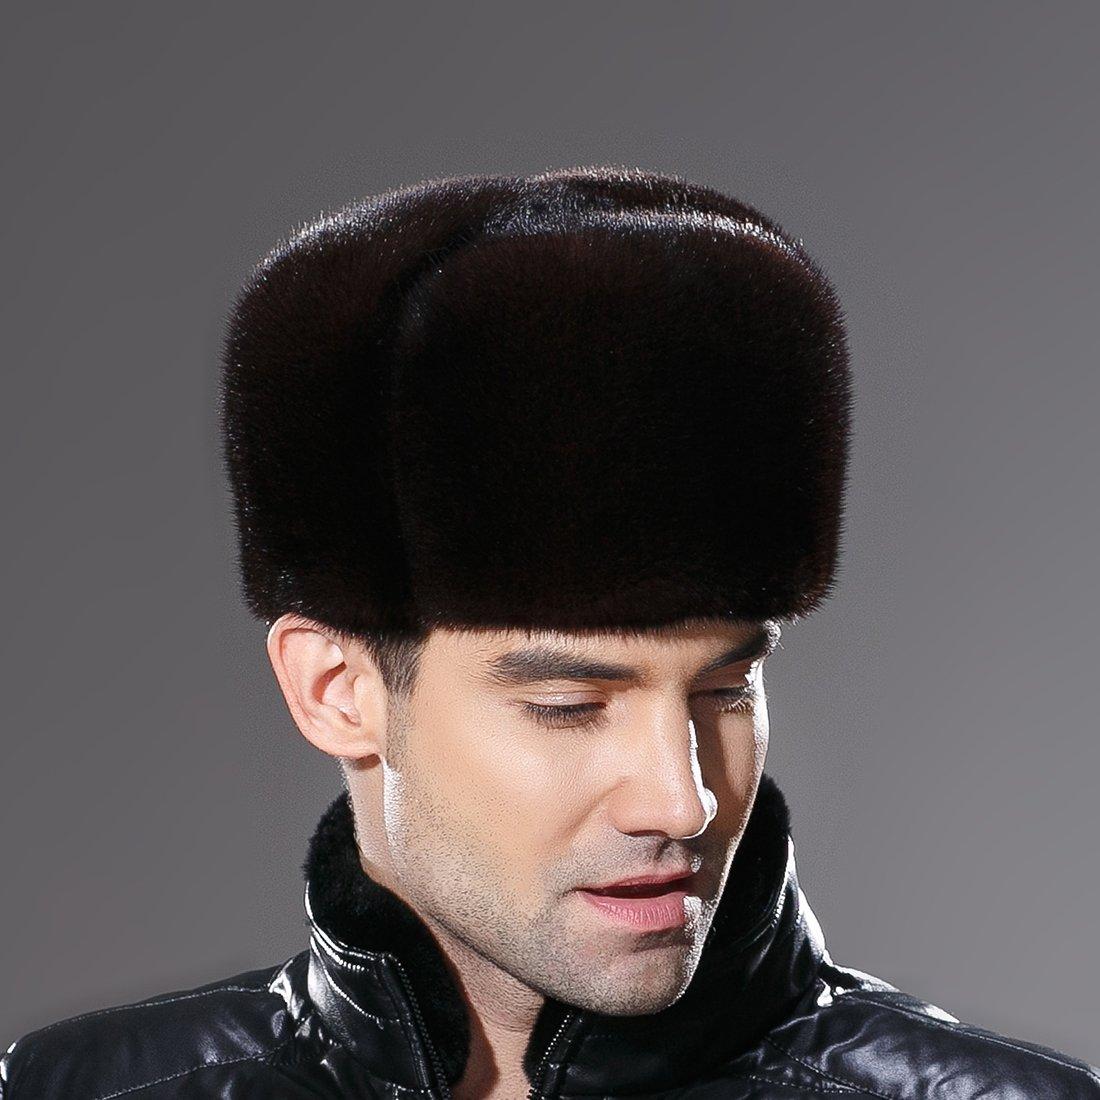 URSFUR Russian Fur Ushanka Hat Mens Winter Real Min Fur Trapper Cap Brown L by URSFUR (Image #4)